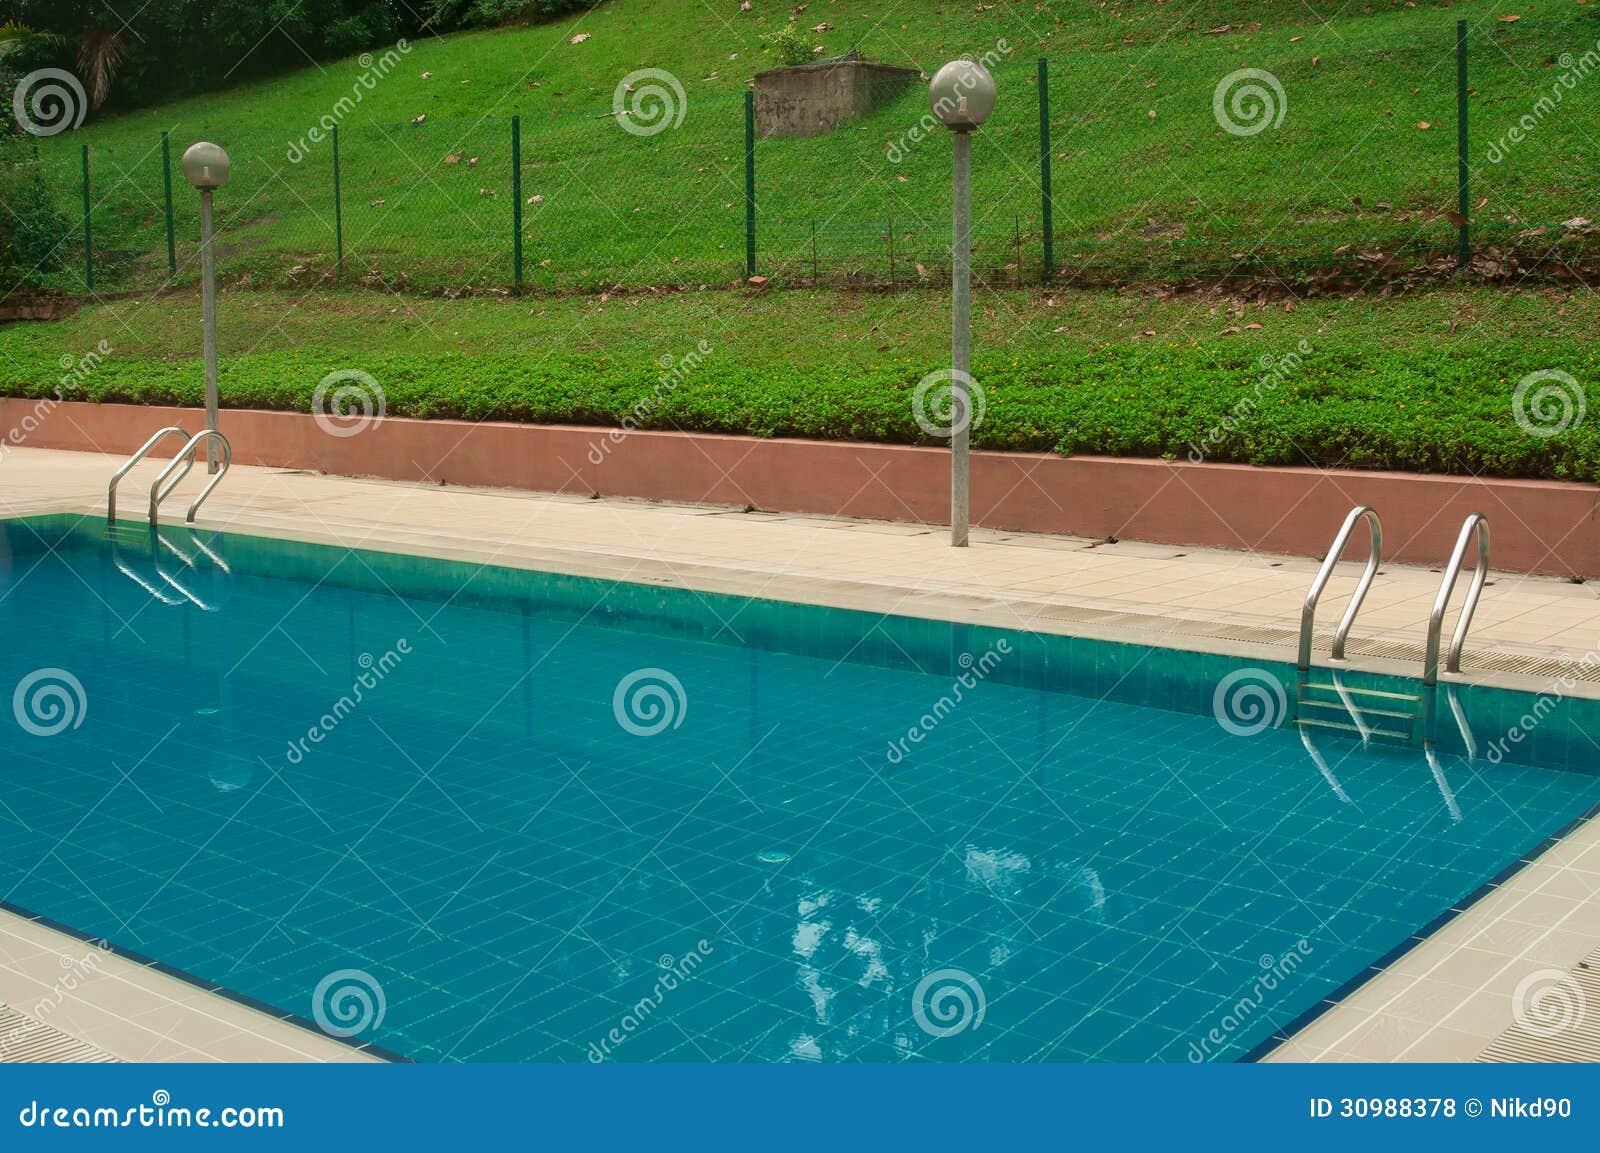 Piscine l 39 int rieur du complexe d 39 aparment et d 39 h tel for Complexe piscine